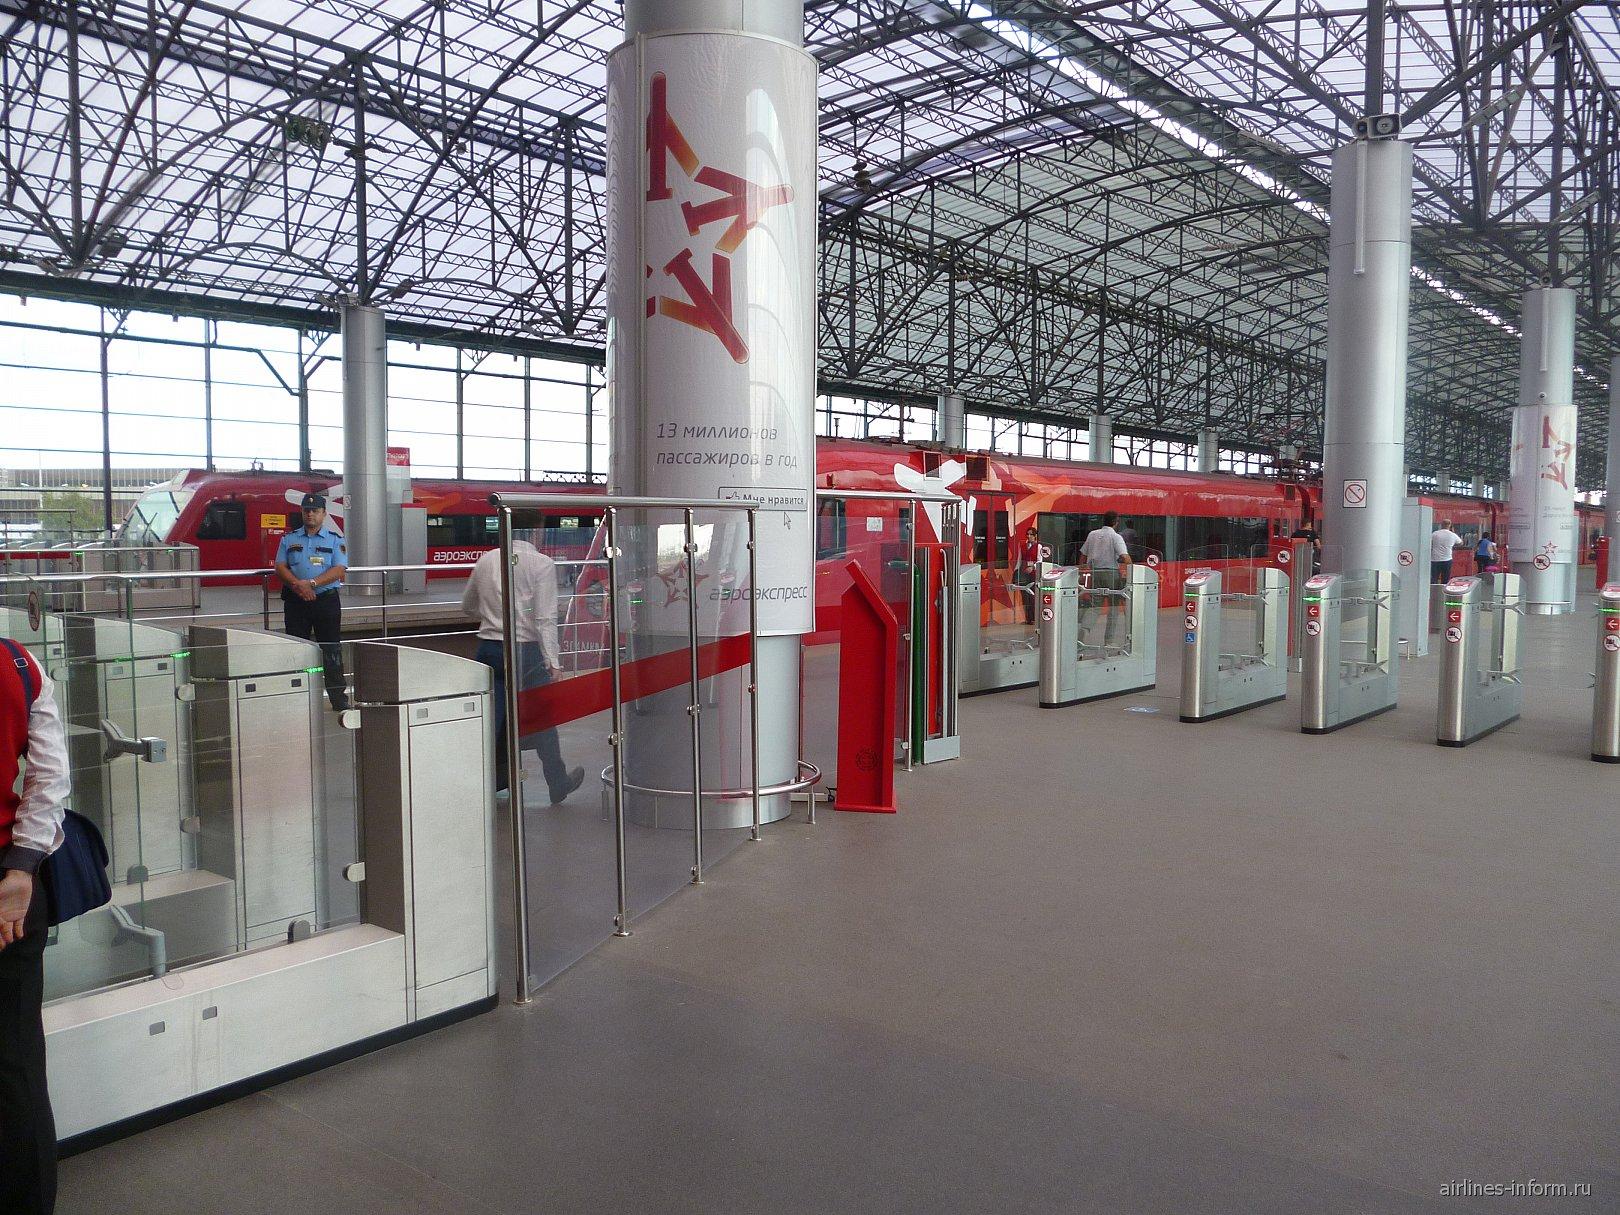 Станция Аэроэкспресс в аэропорту Шереметьево